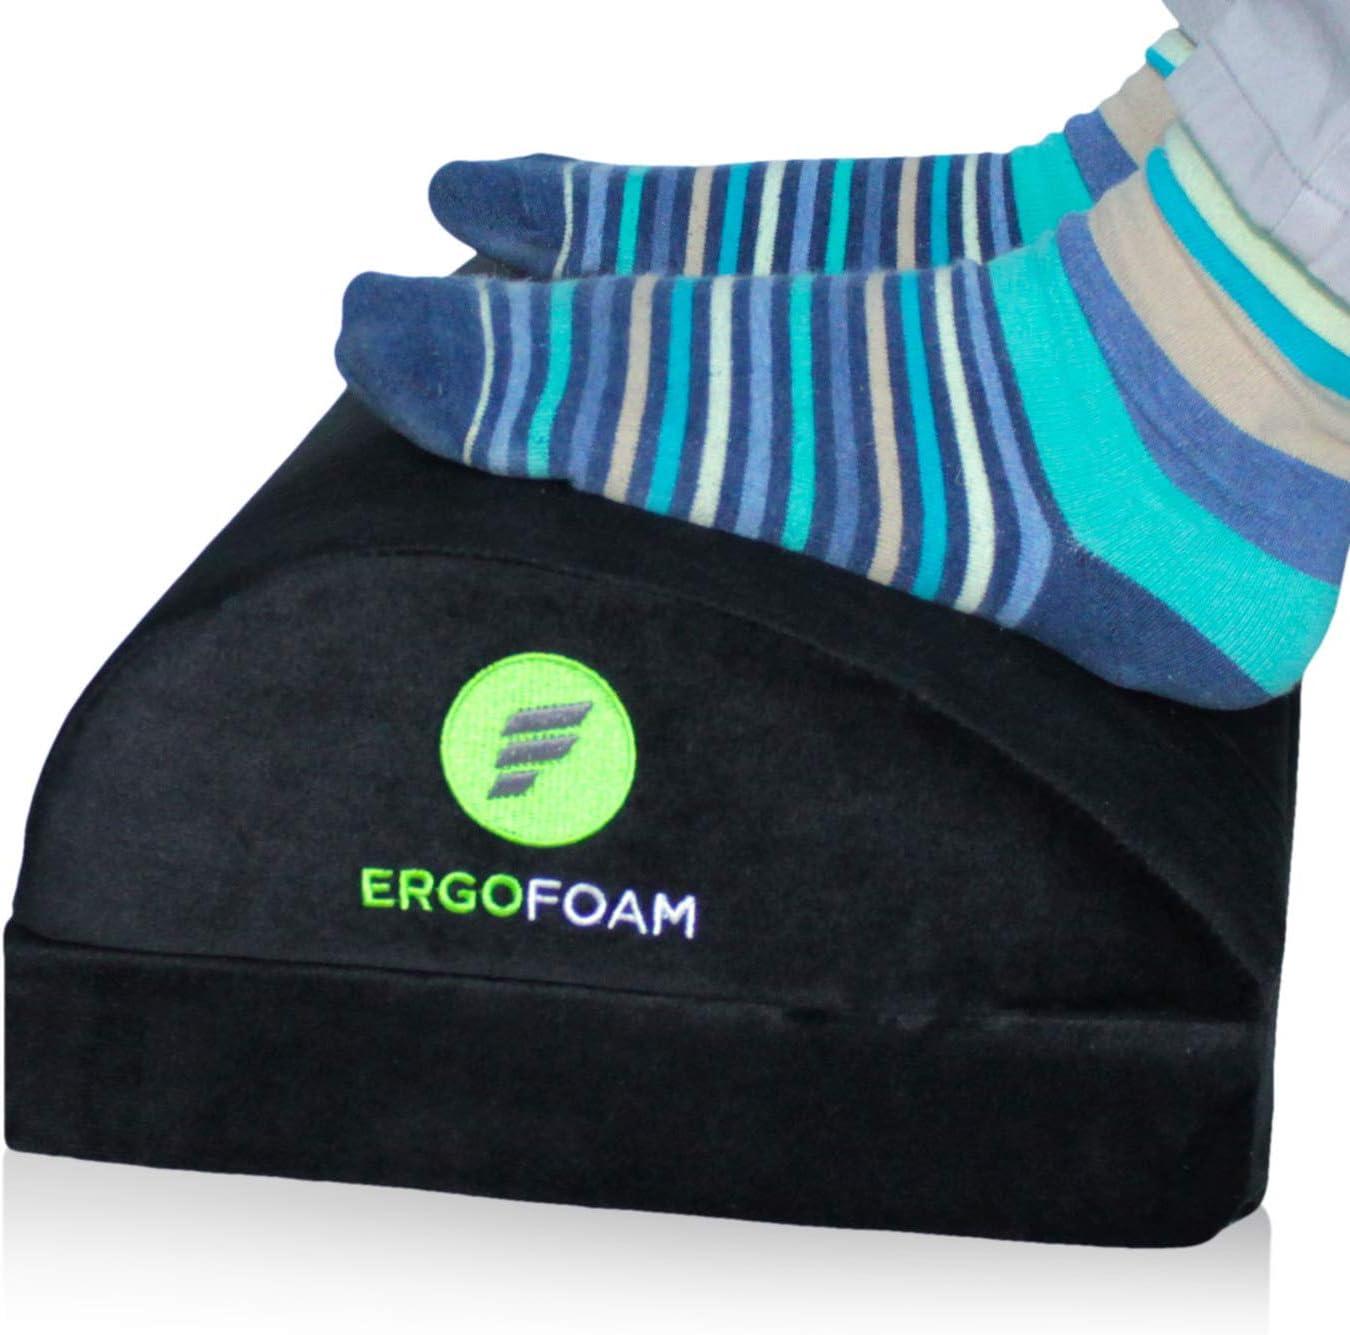 ErgoFoam Adjustable Desk Foot Rest for Added Height | Orthopedic Teardrop Design | Large Premium Under Desk Footrest | Most Comfortable Foot Rest Under Desk for Lumbar, Back, Knee Pain (Black)